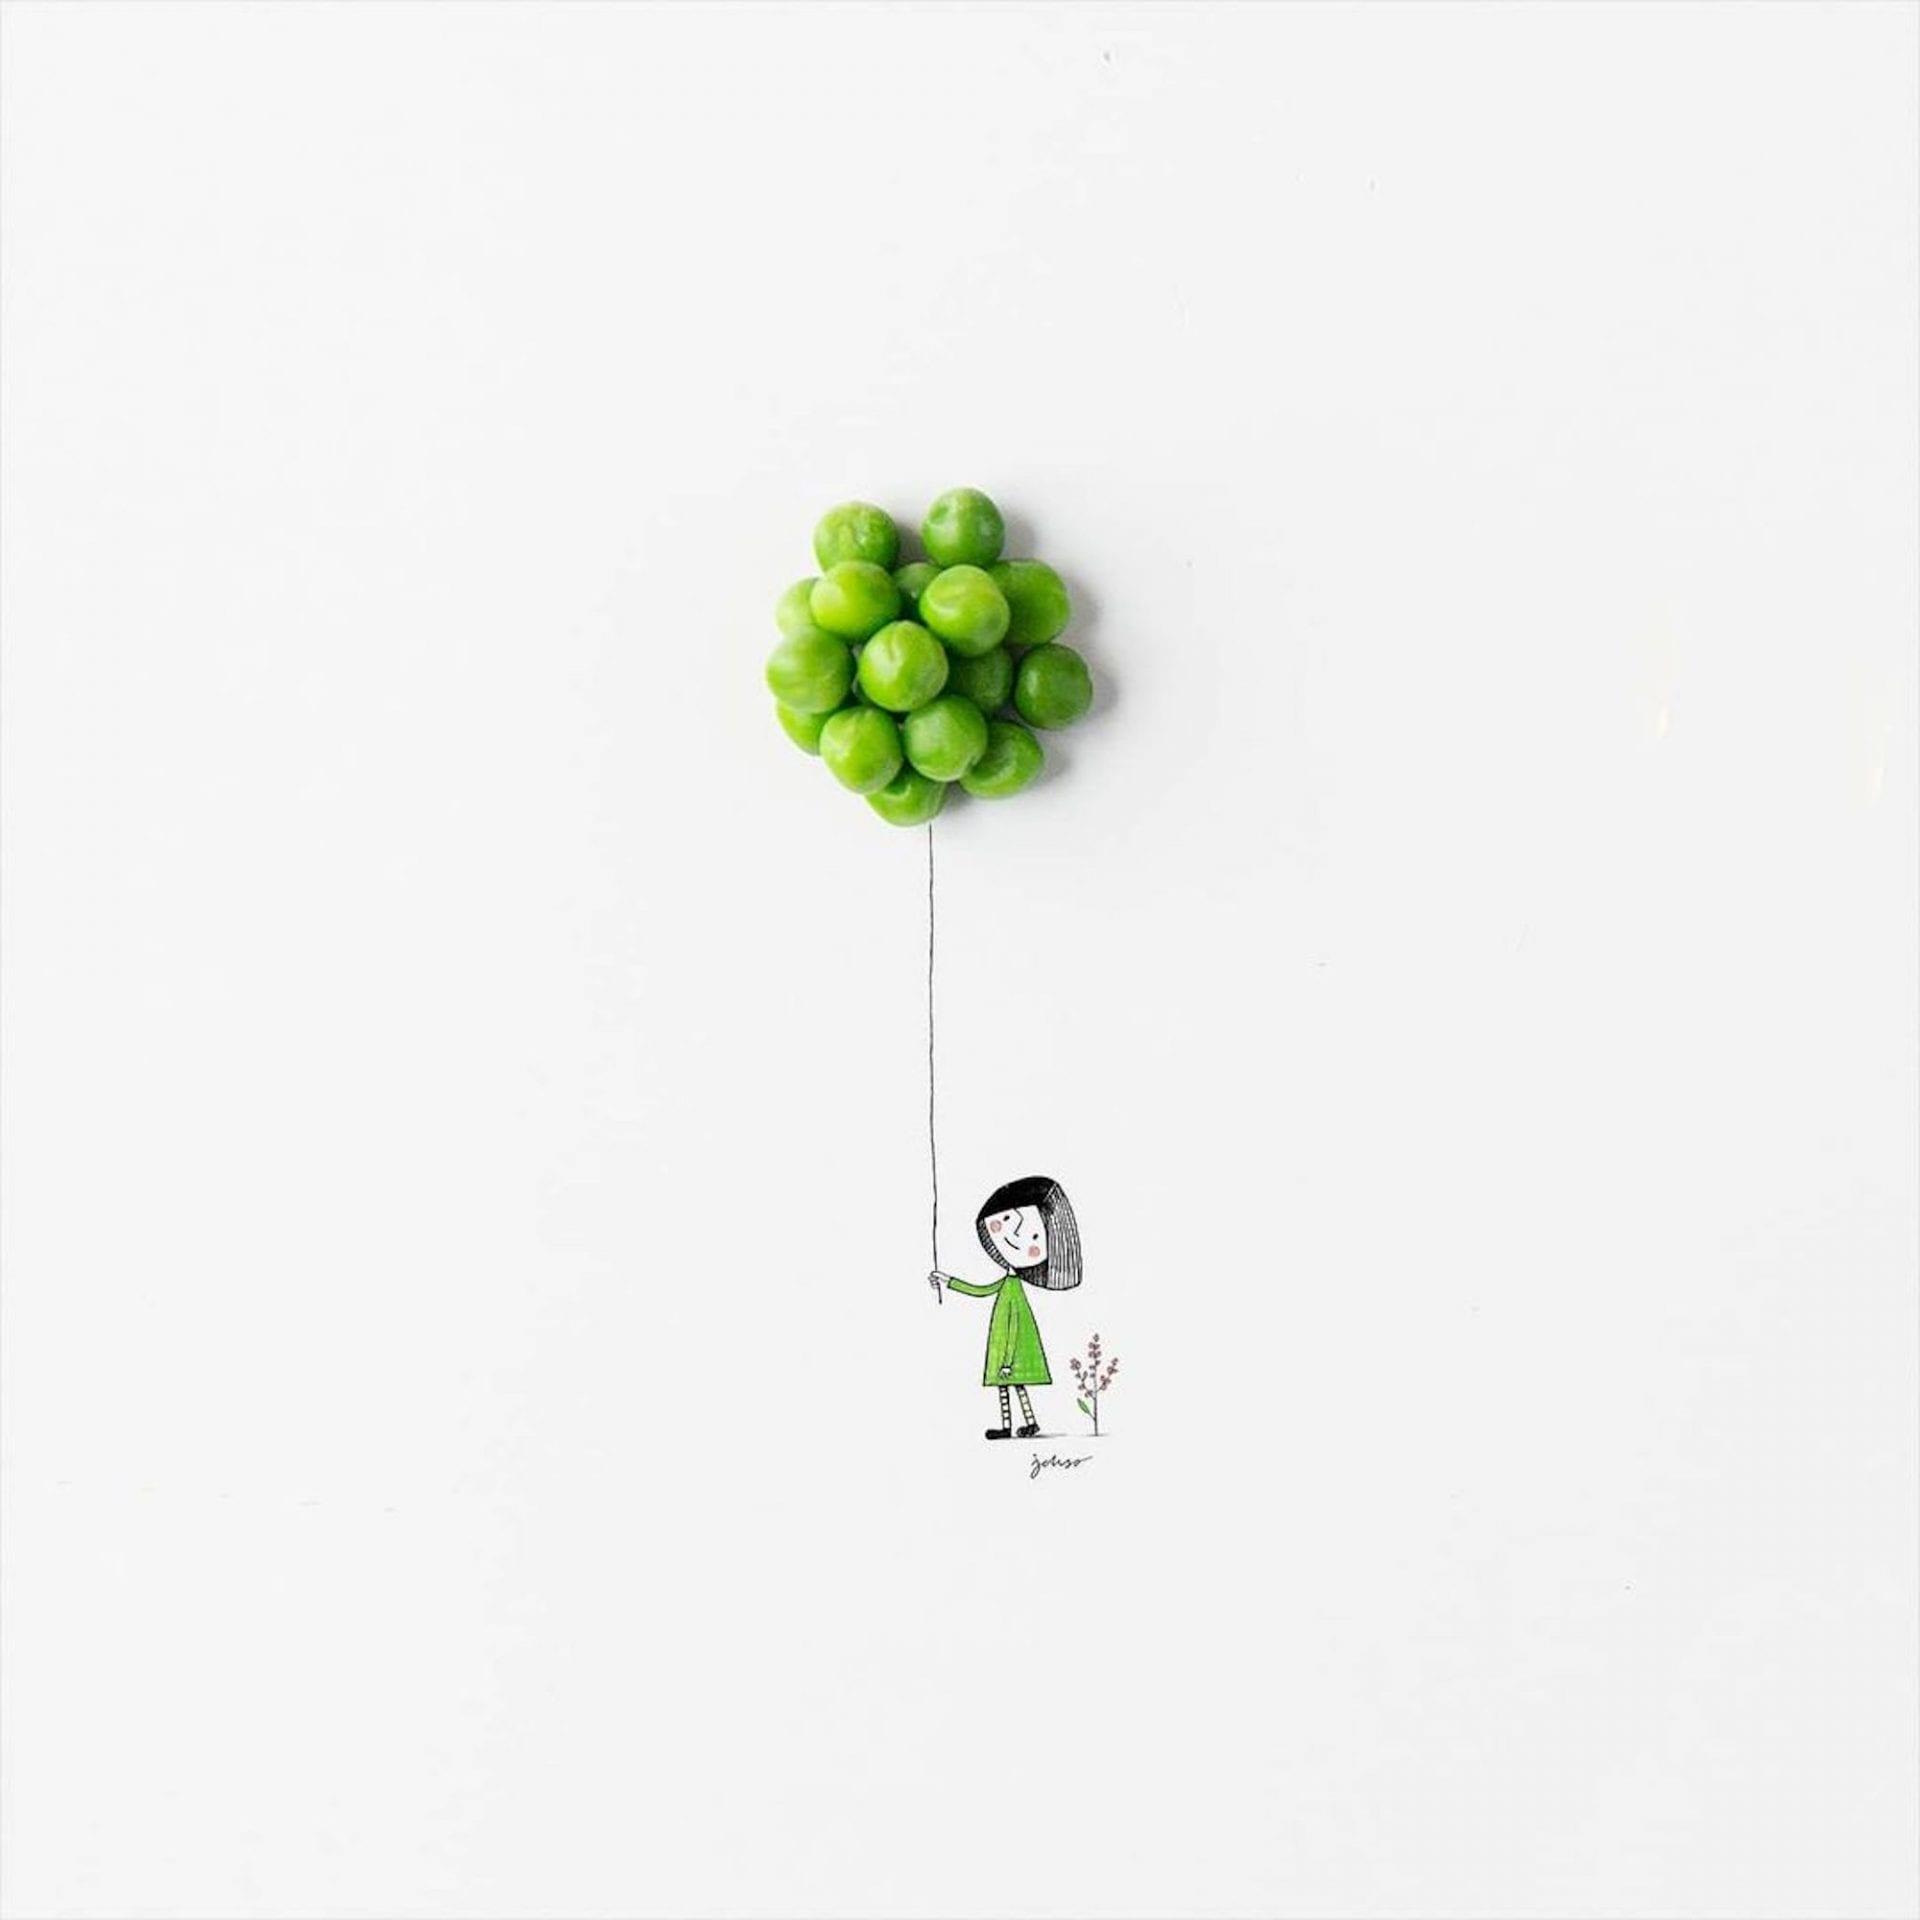 Le créatif Jesuso détourne les fruits et légumes pour créer des illustrations adorables